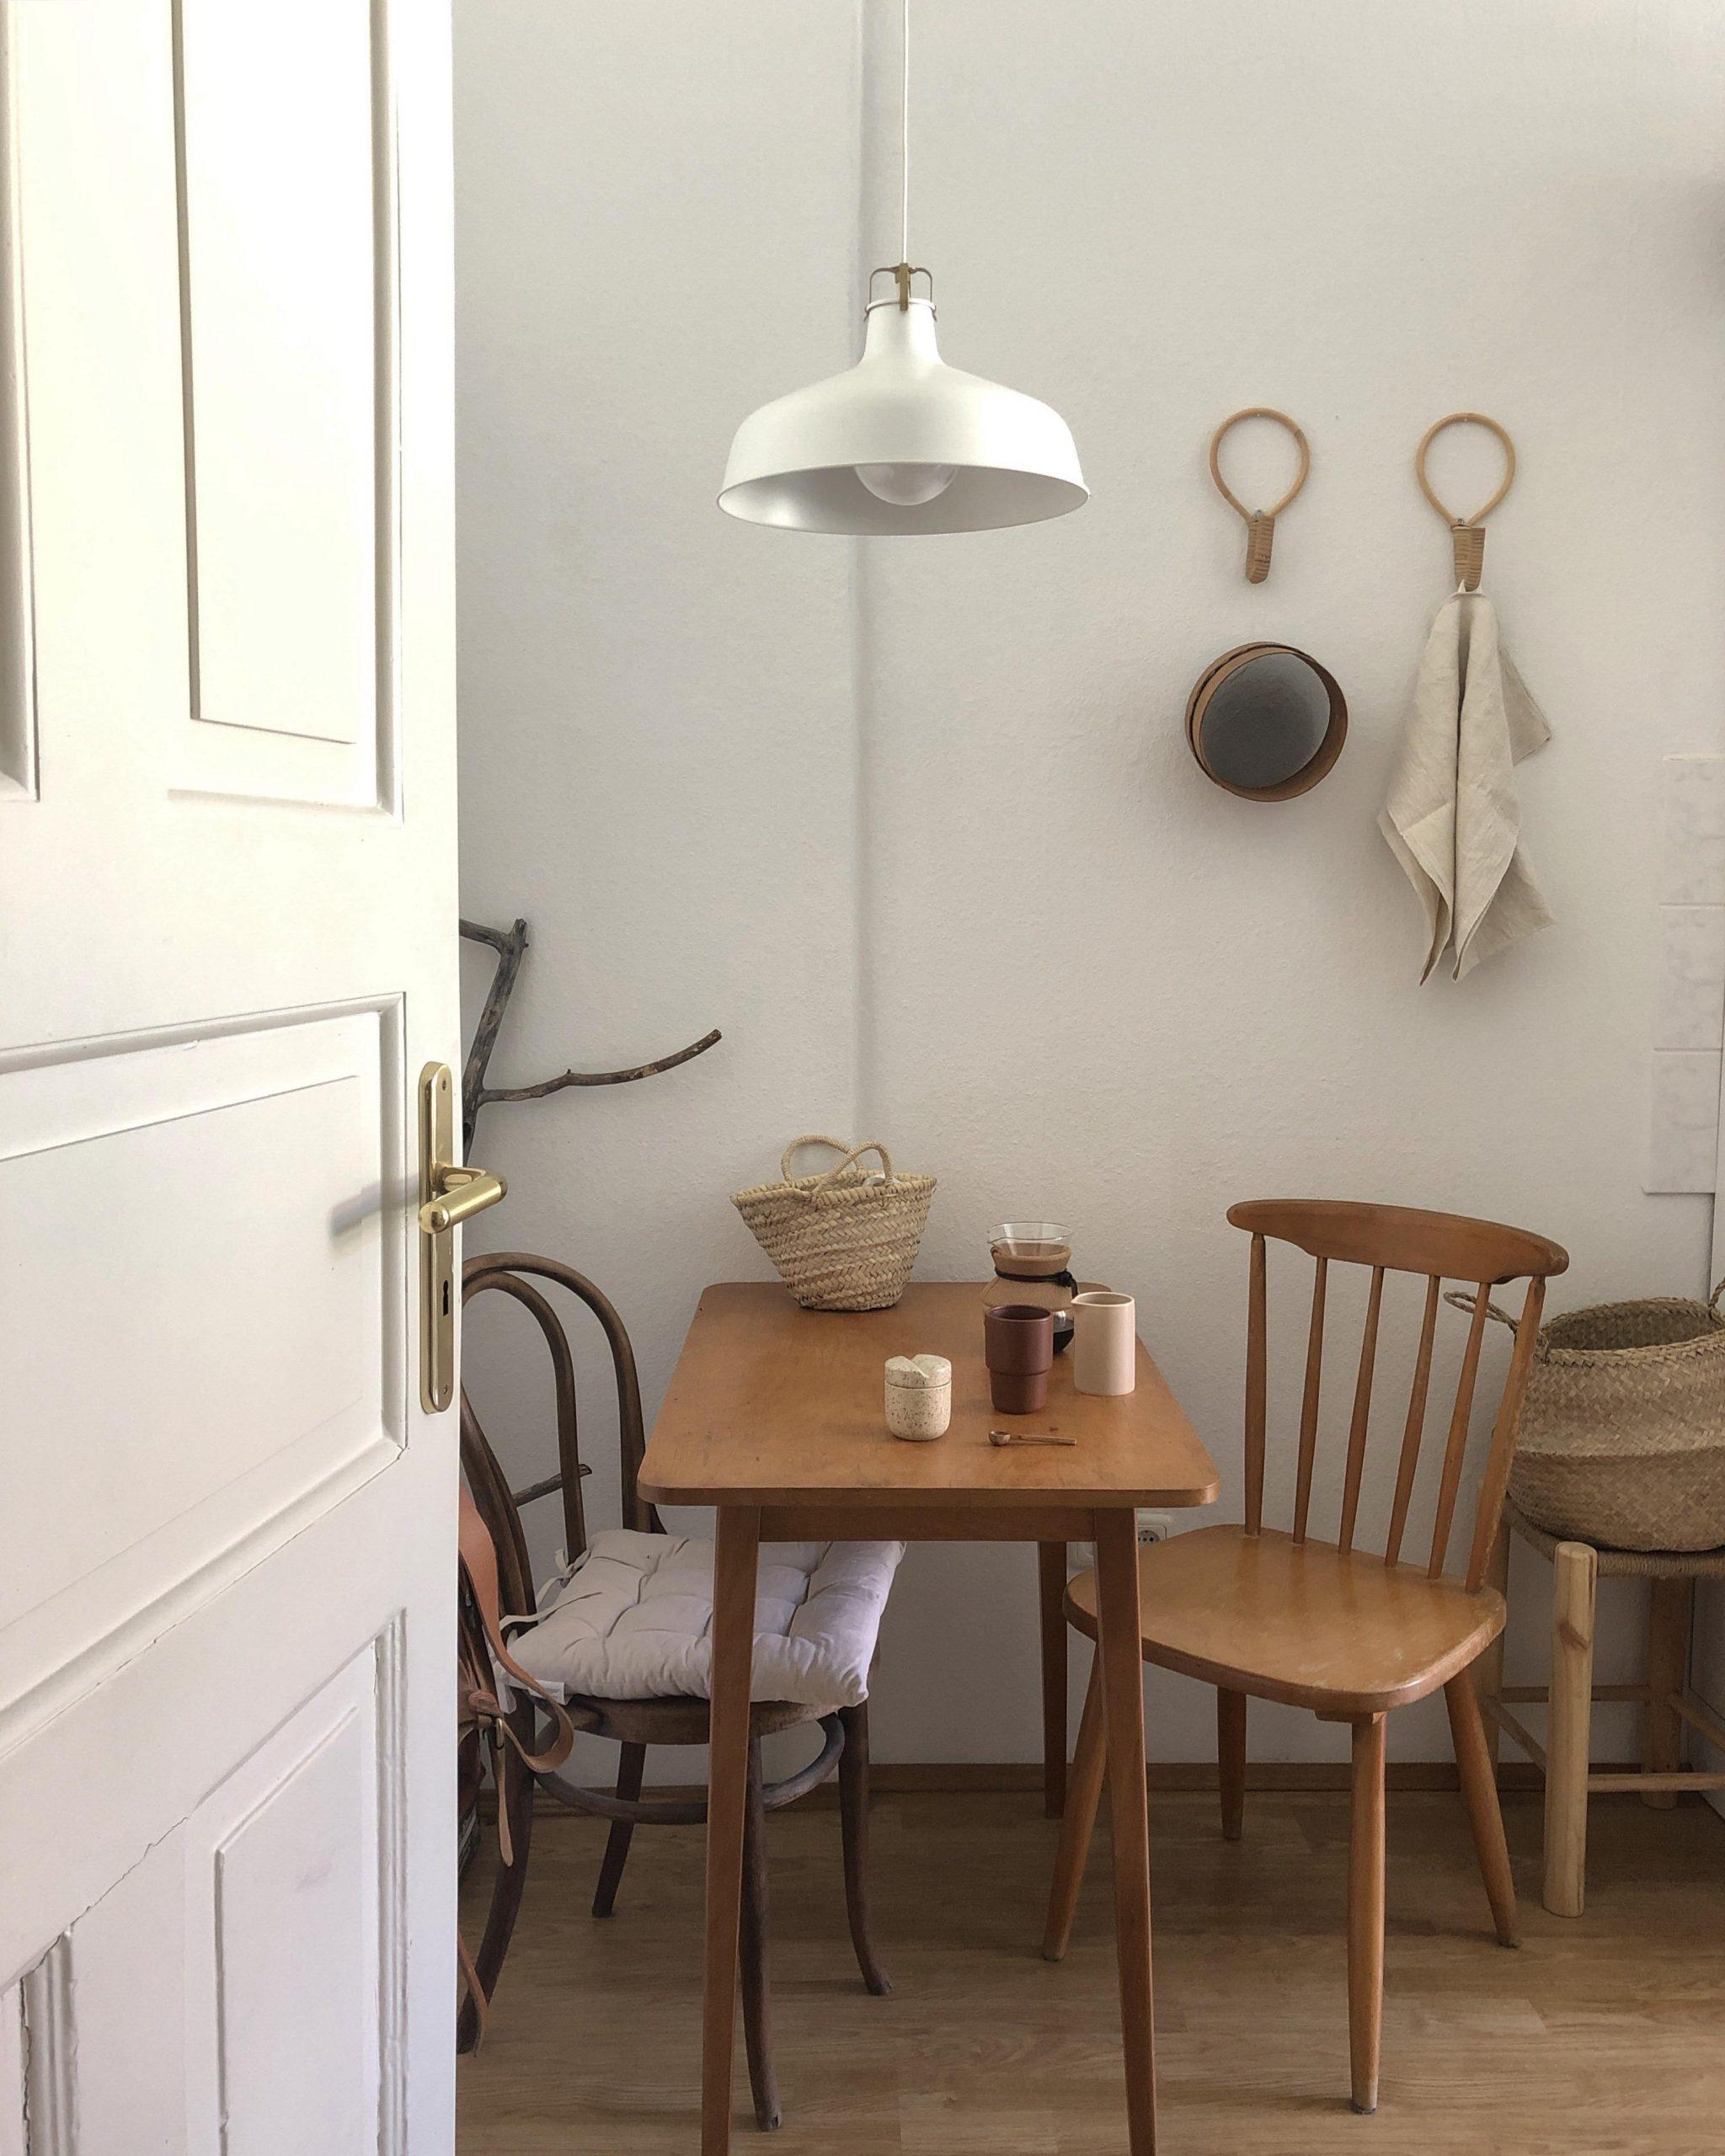 Full Size of Küche Sitzecke So Wird Der Treffpunkt Gemtlich Wandtatoo Ausstellungsküche Tapete Modern Ikea Miniküche Unterschrank Treteimer Einbauküche Kaufen Küche Küche Sitzecke